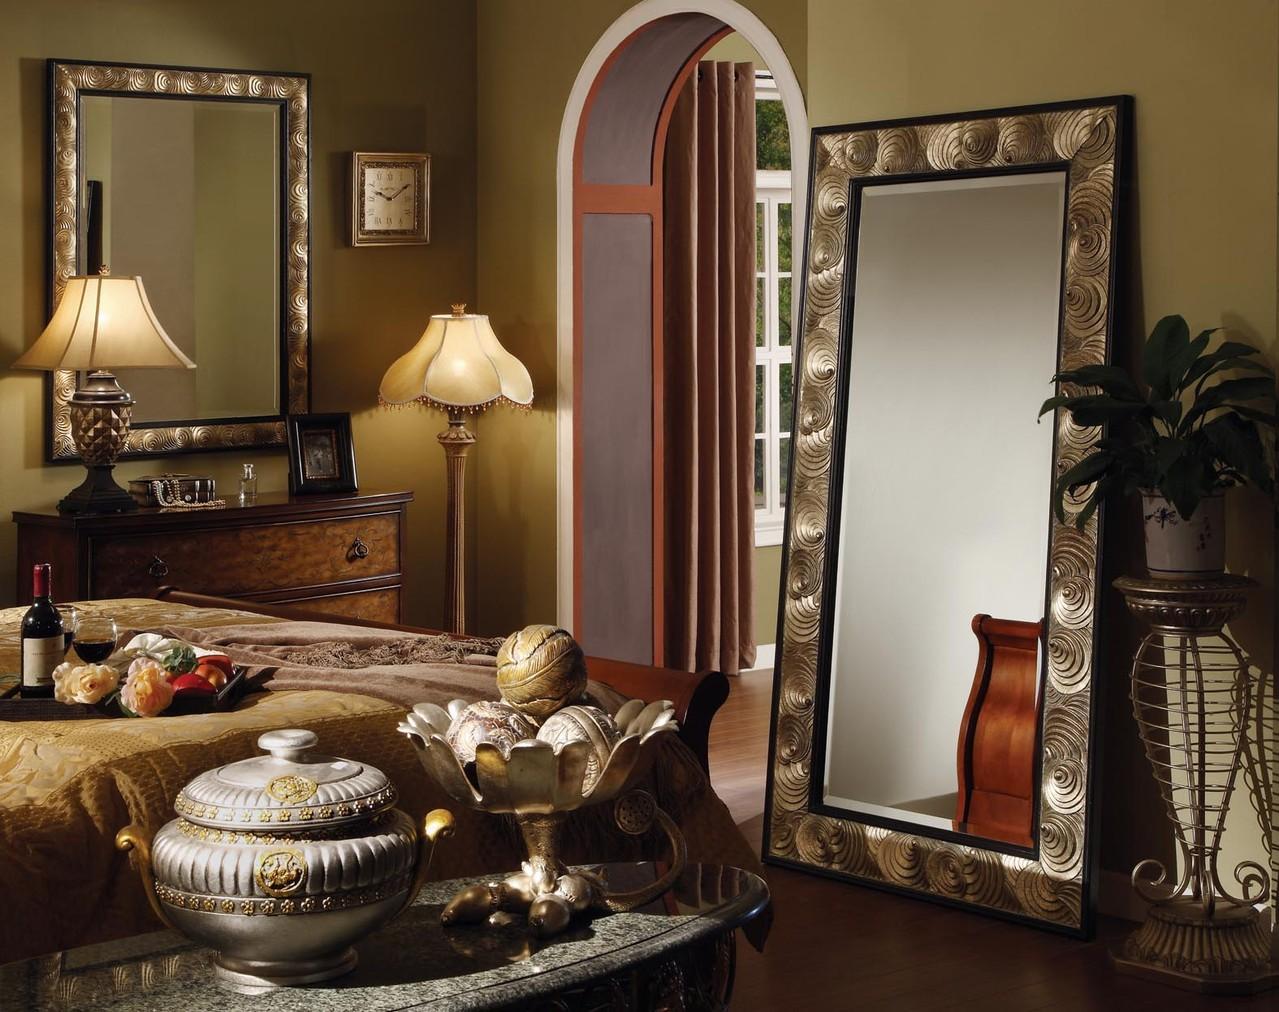 Напольное Зеркало в Раме Металлическое Или Деревянное Передвижное на Колесиках Или с Тумбой Для Прихожей